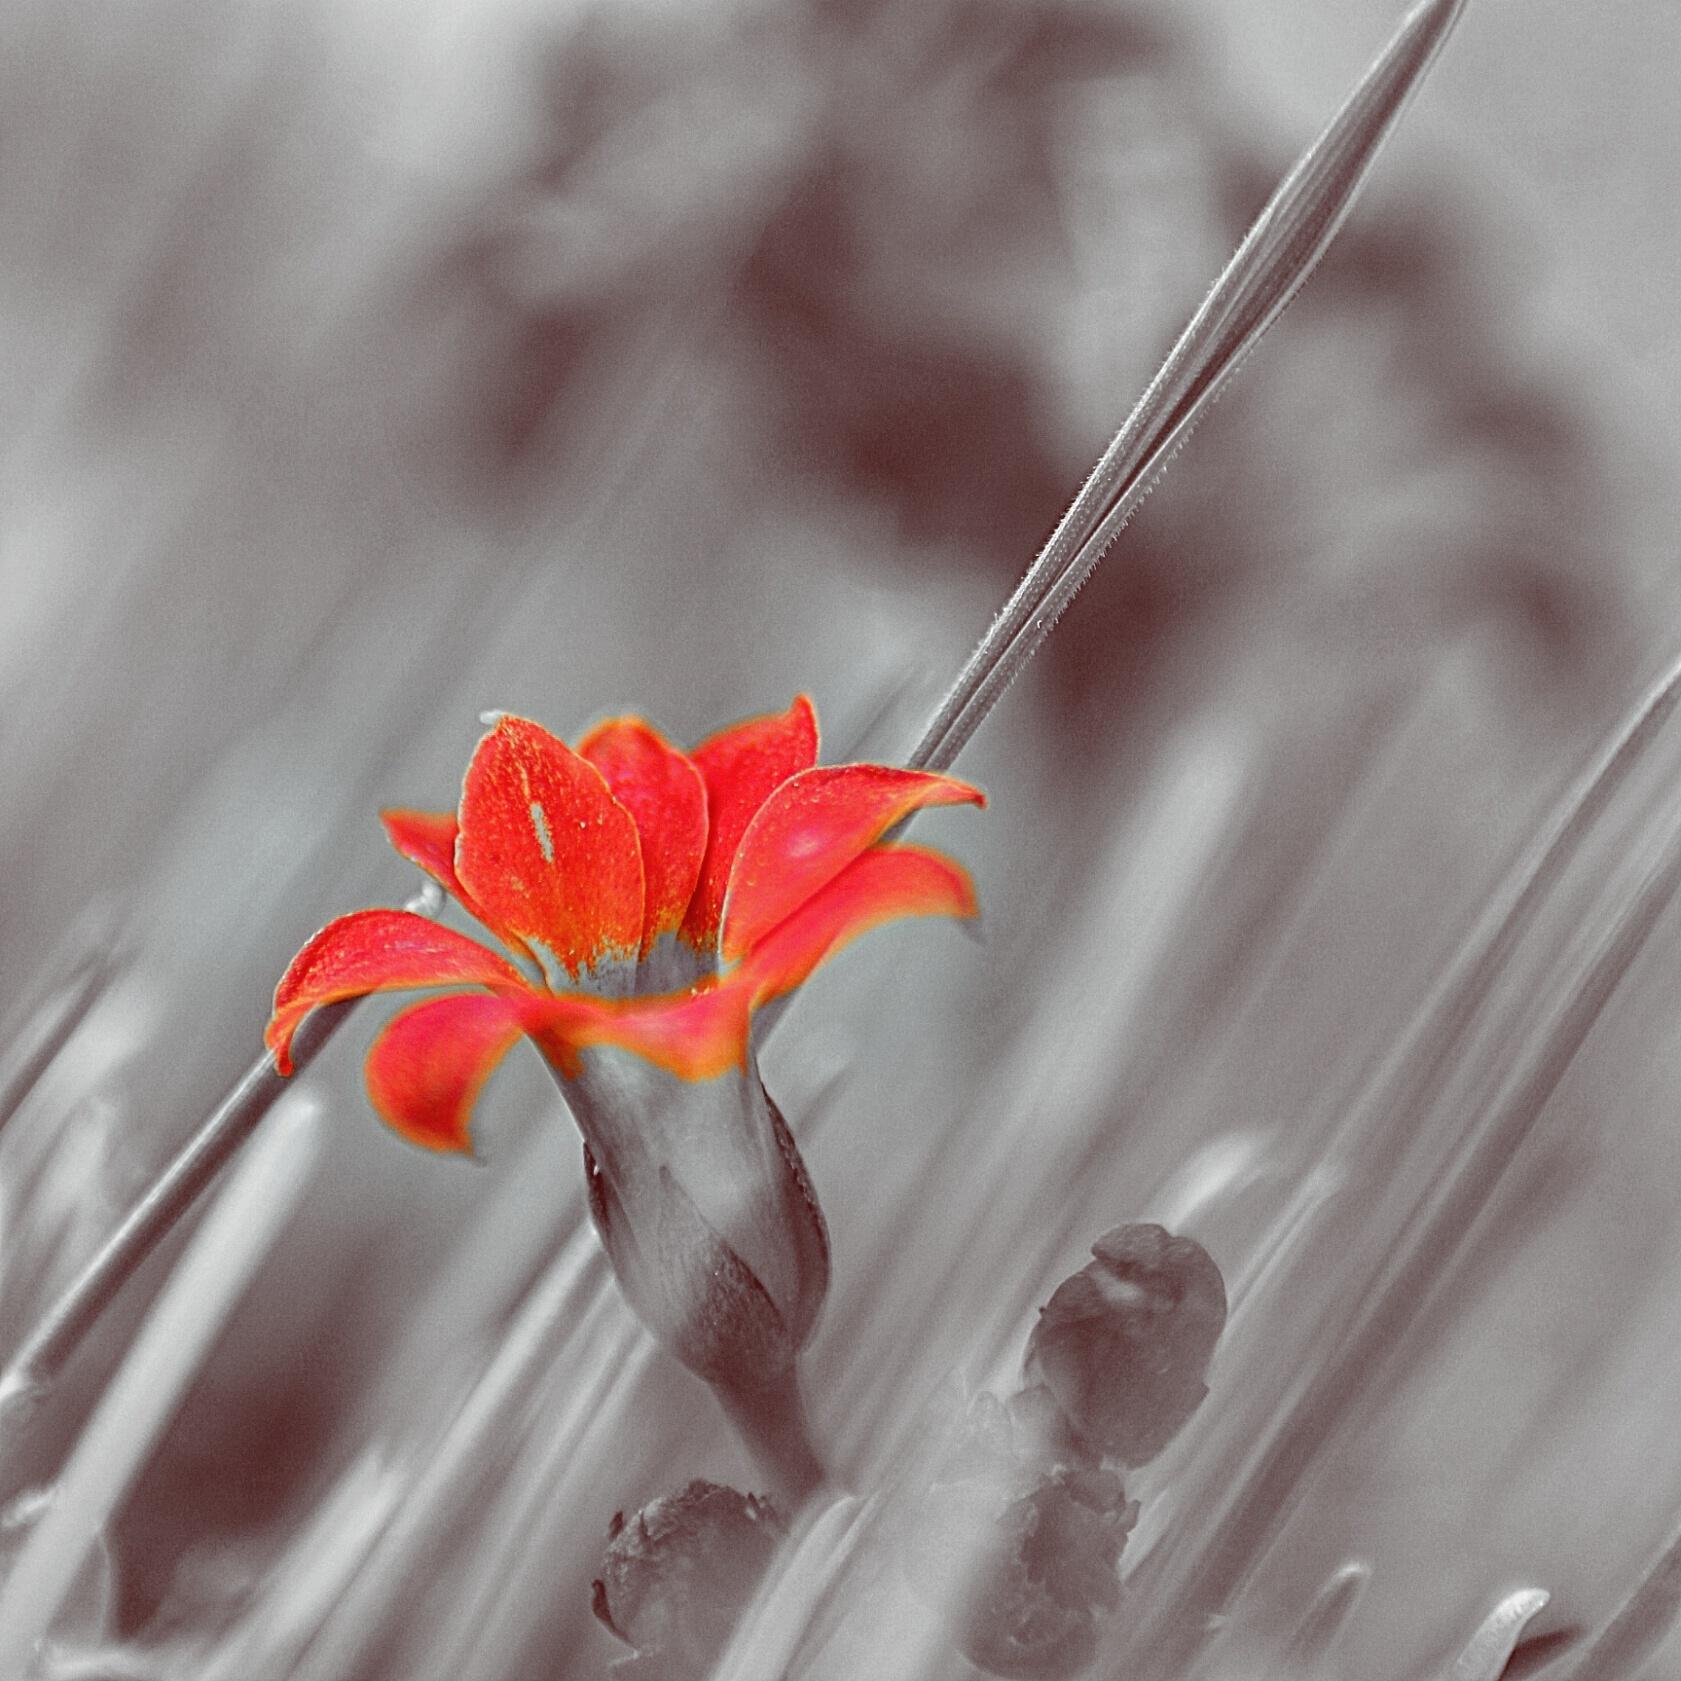 Untitled by a.shahmiri